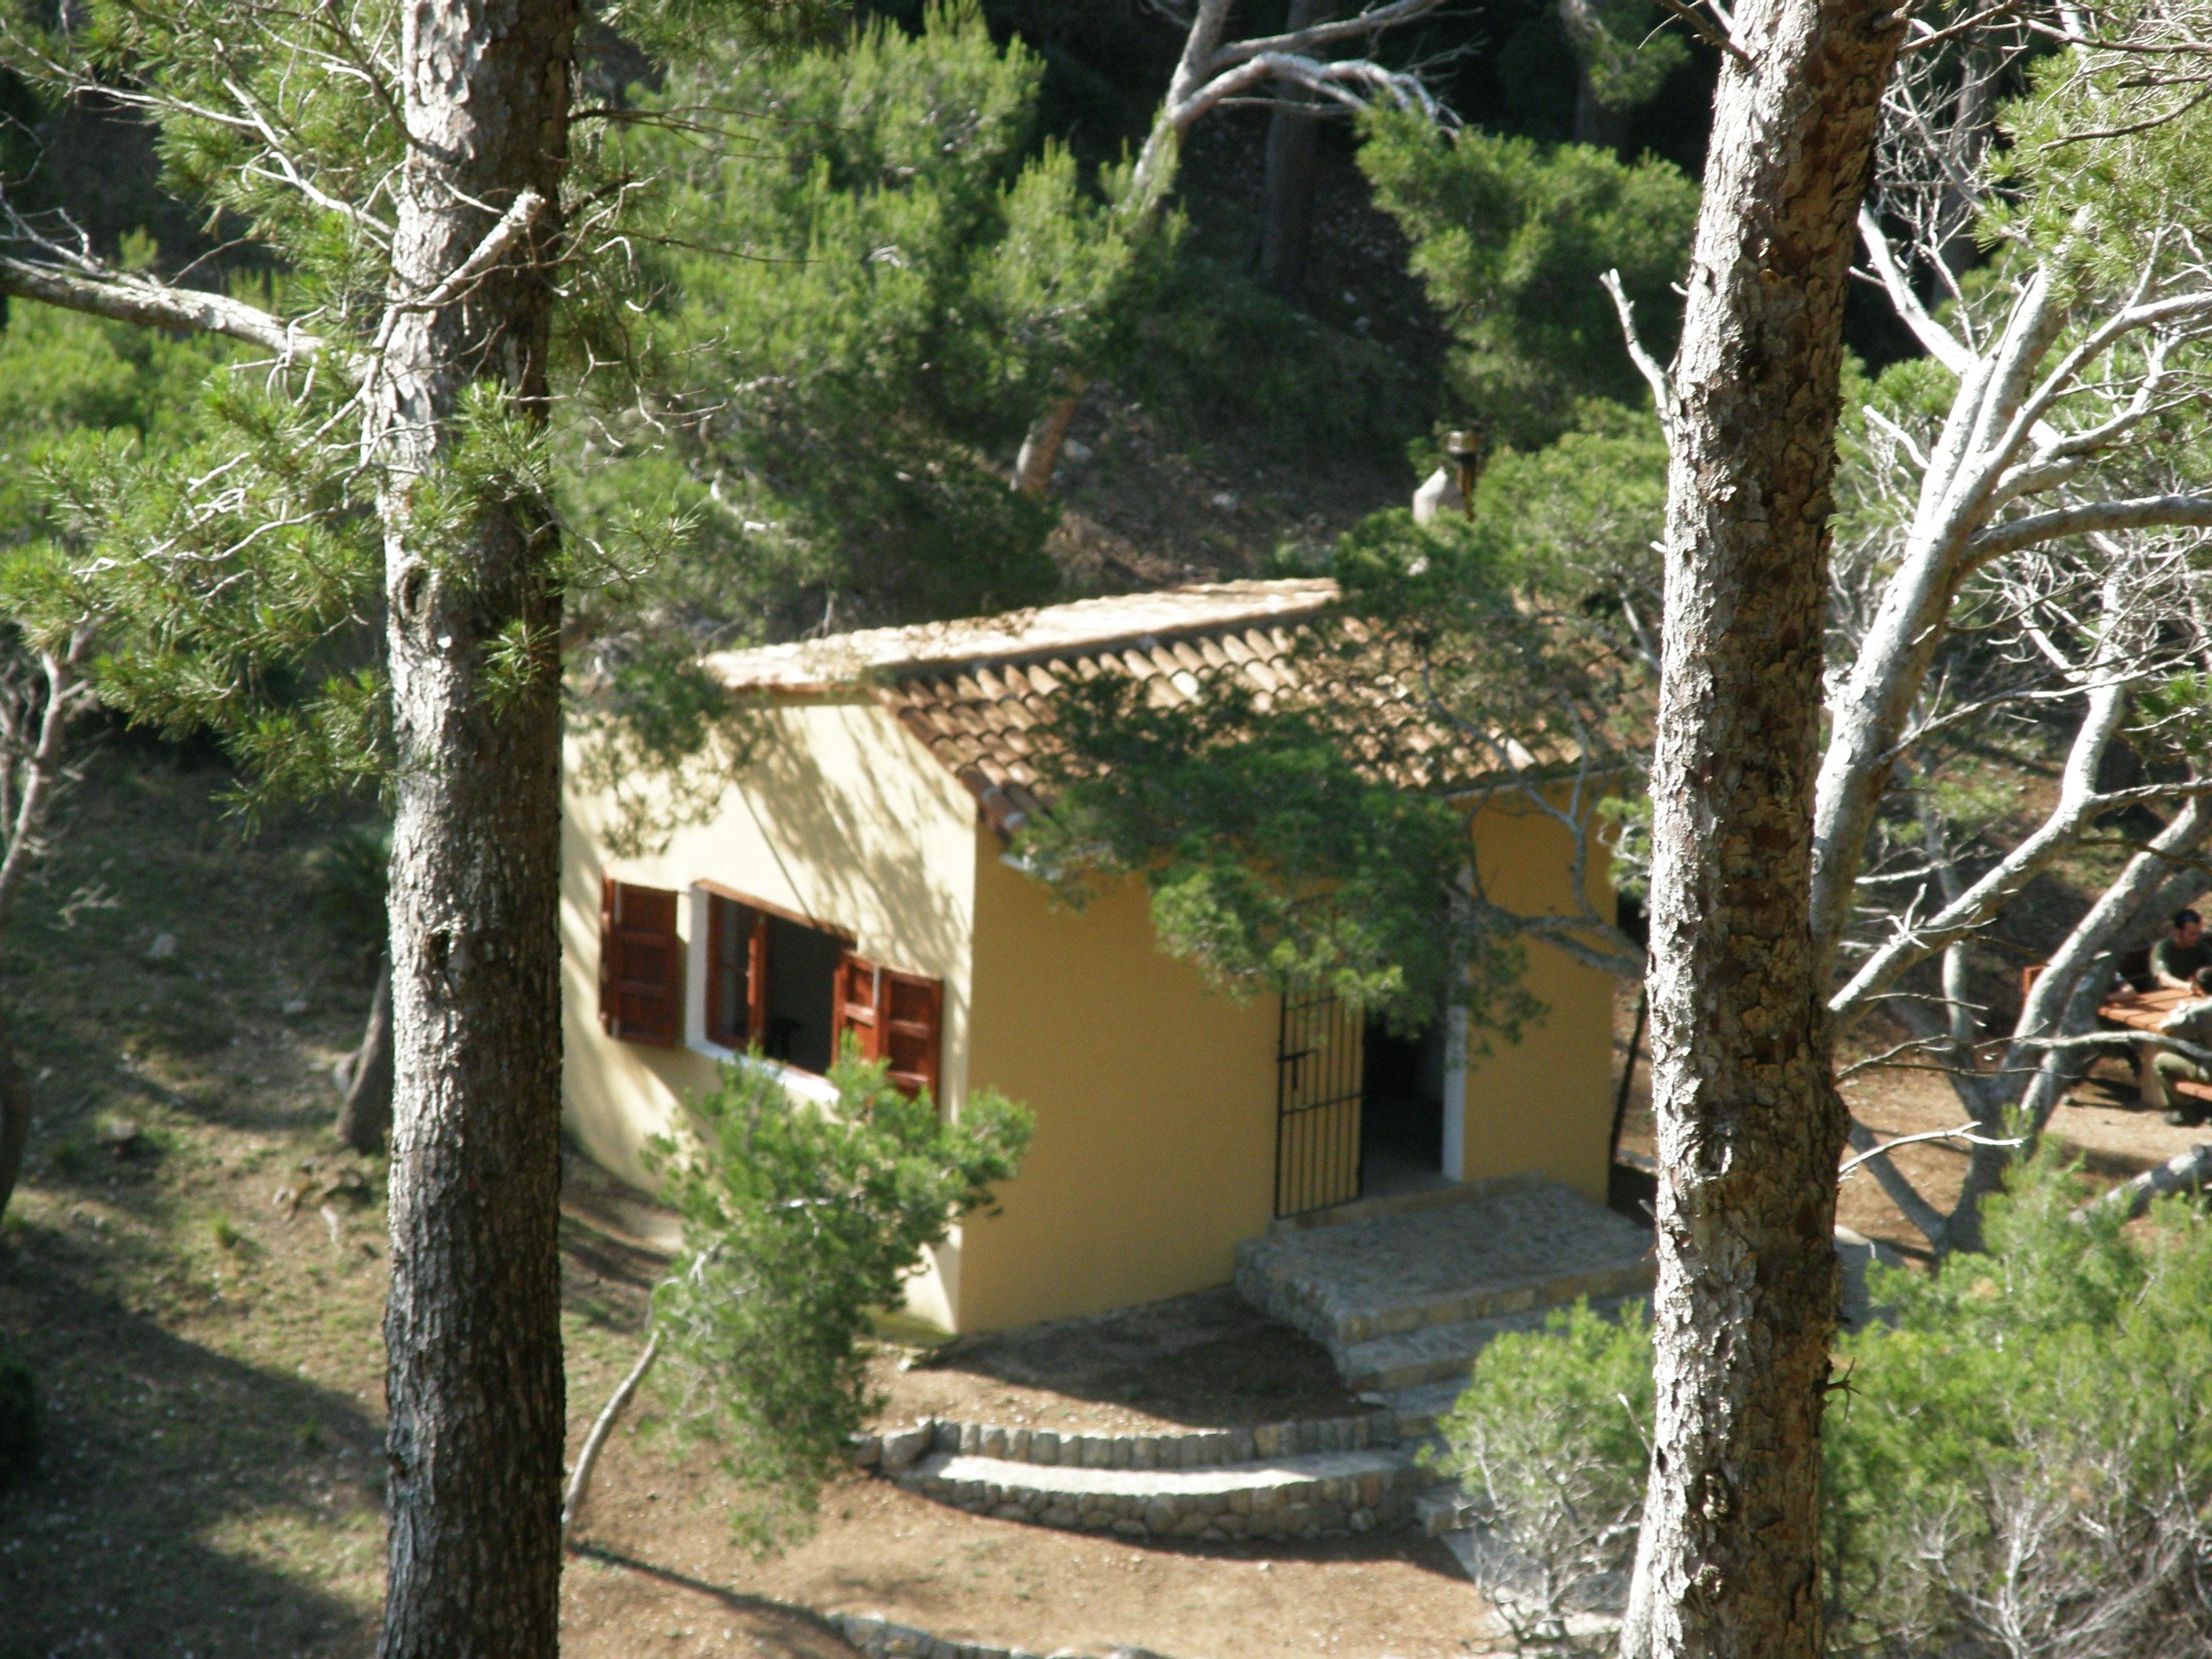 Los refugios de Baleares registraron 7.136 usuarios en el 2013, un 9,2% más que en el año anterior